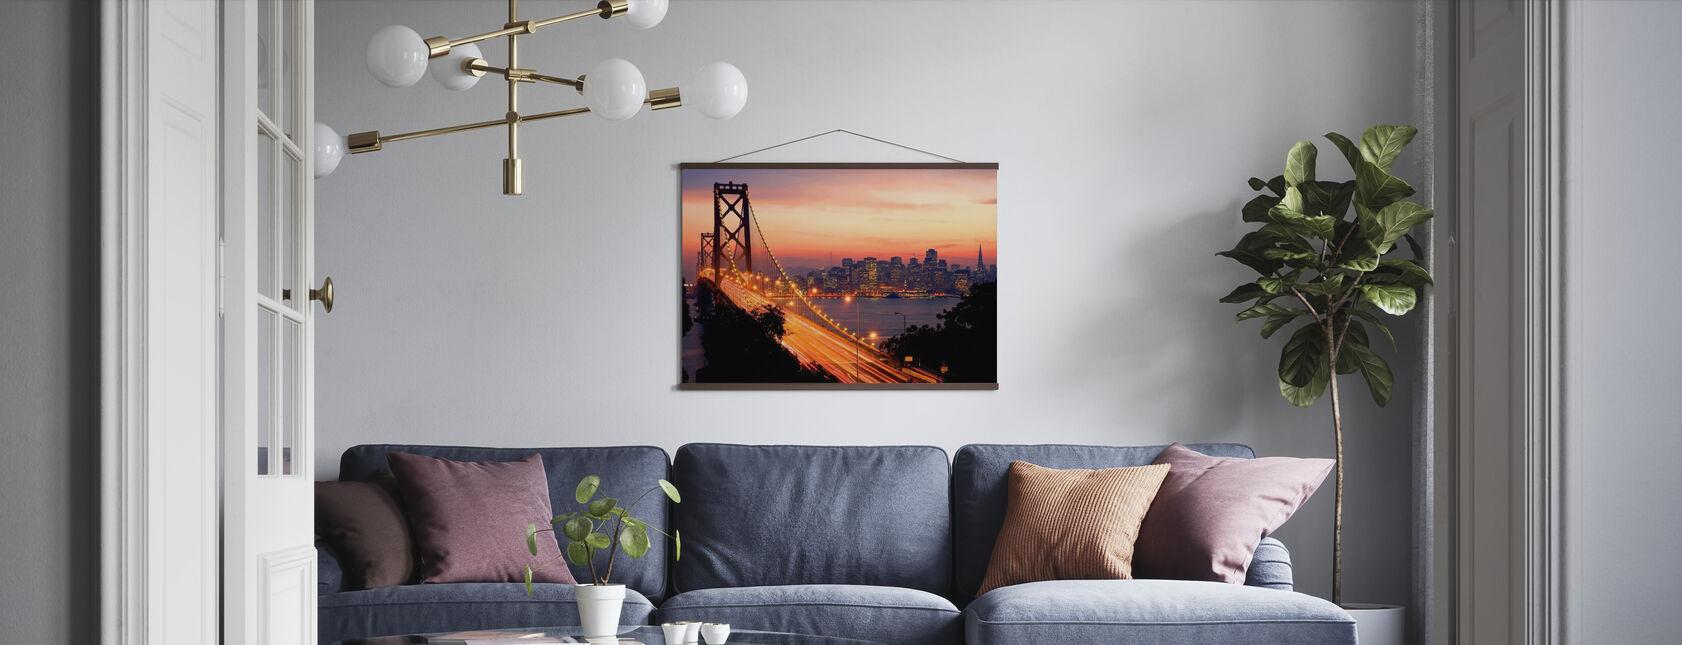 San Francisco, Kalifornia, Yhdysvallat - Juliste - Olohuone